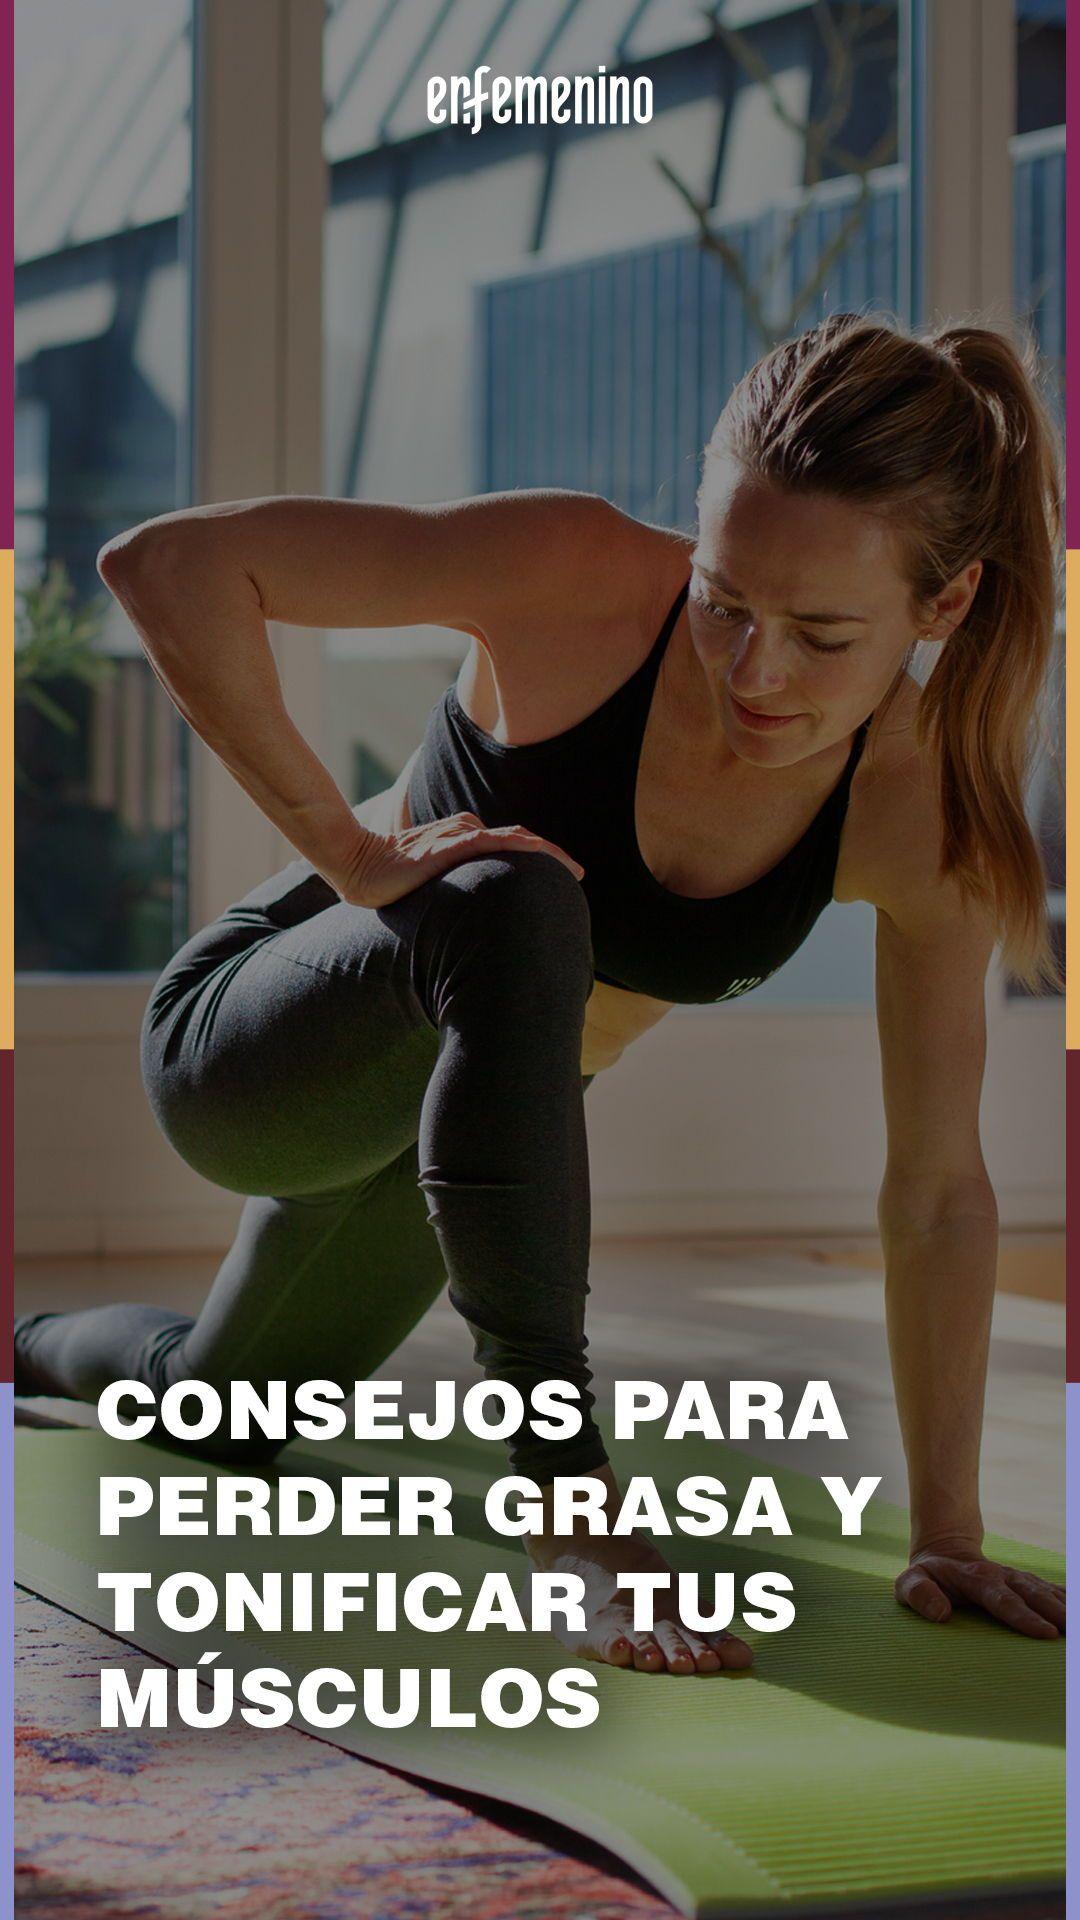 5 Consejos Para Tonificar Tus Músculos Y Perder Grasa En 2020 Ejercicios Para Abdomen Ejercicios Para Abdomen Bajo Cuerpos Tonificados